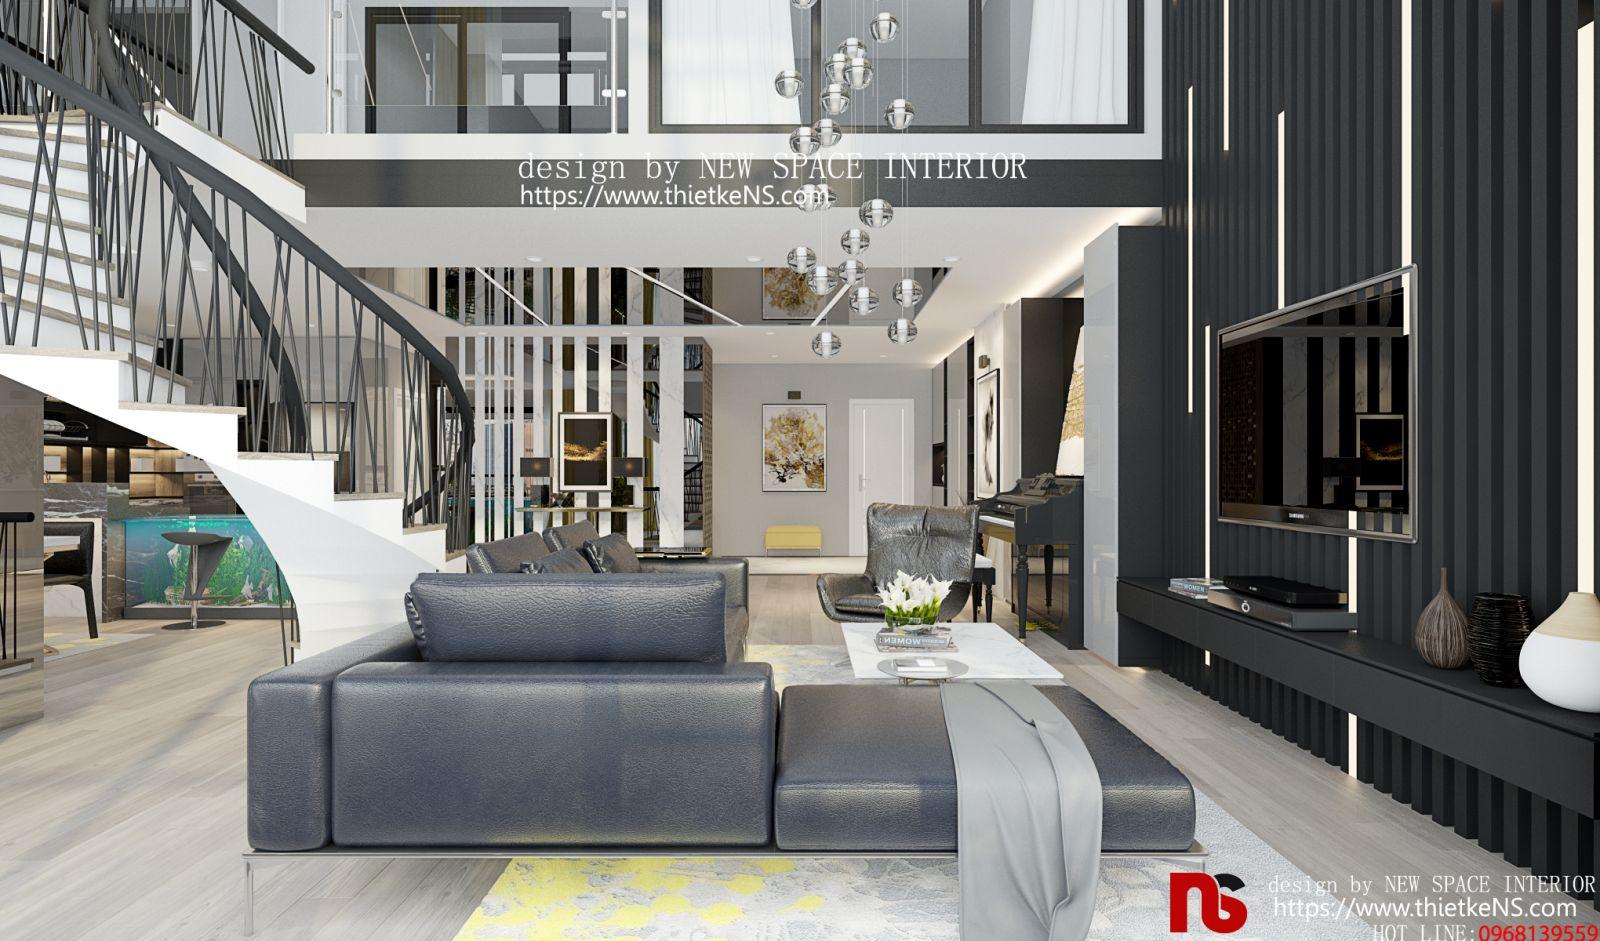 Thiết kế nội thất chung cư phòng khách không thua kém các căn biệt thự hạng sang.